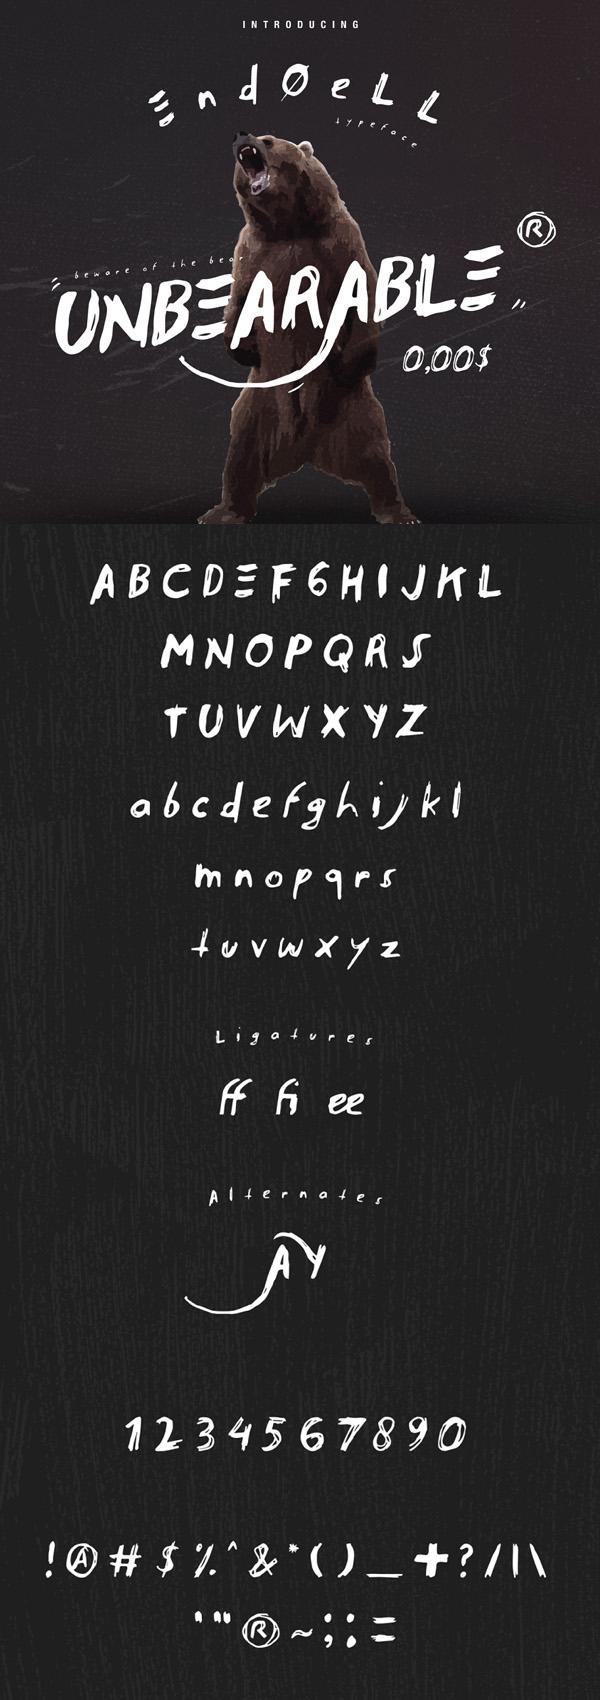 Endoell Free Vintage Font